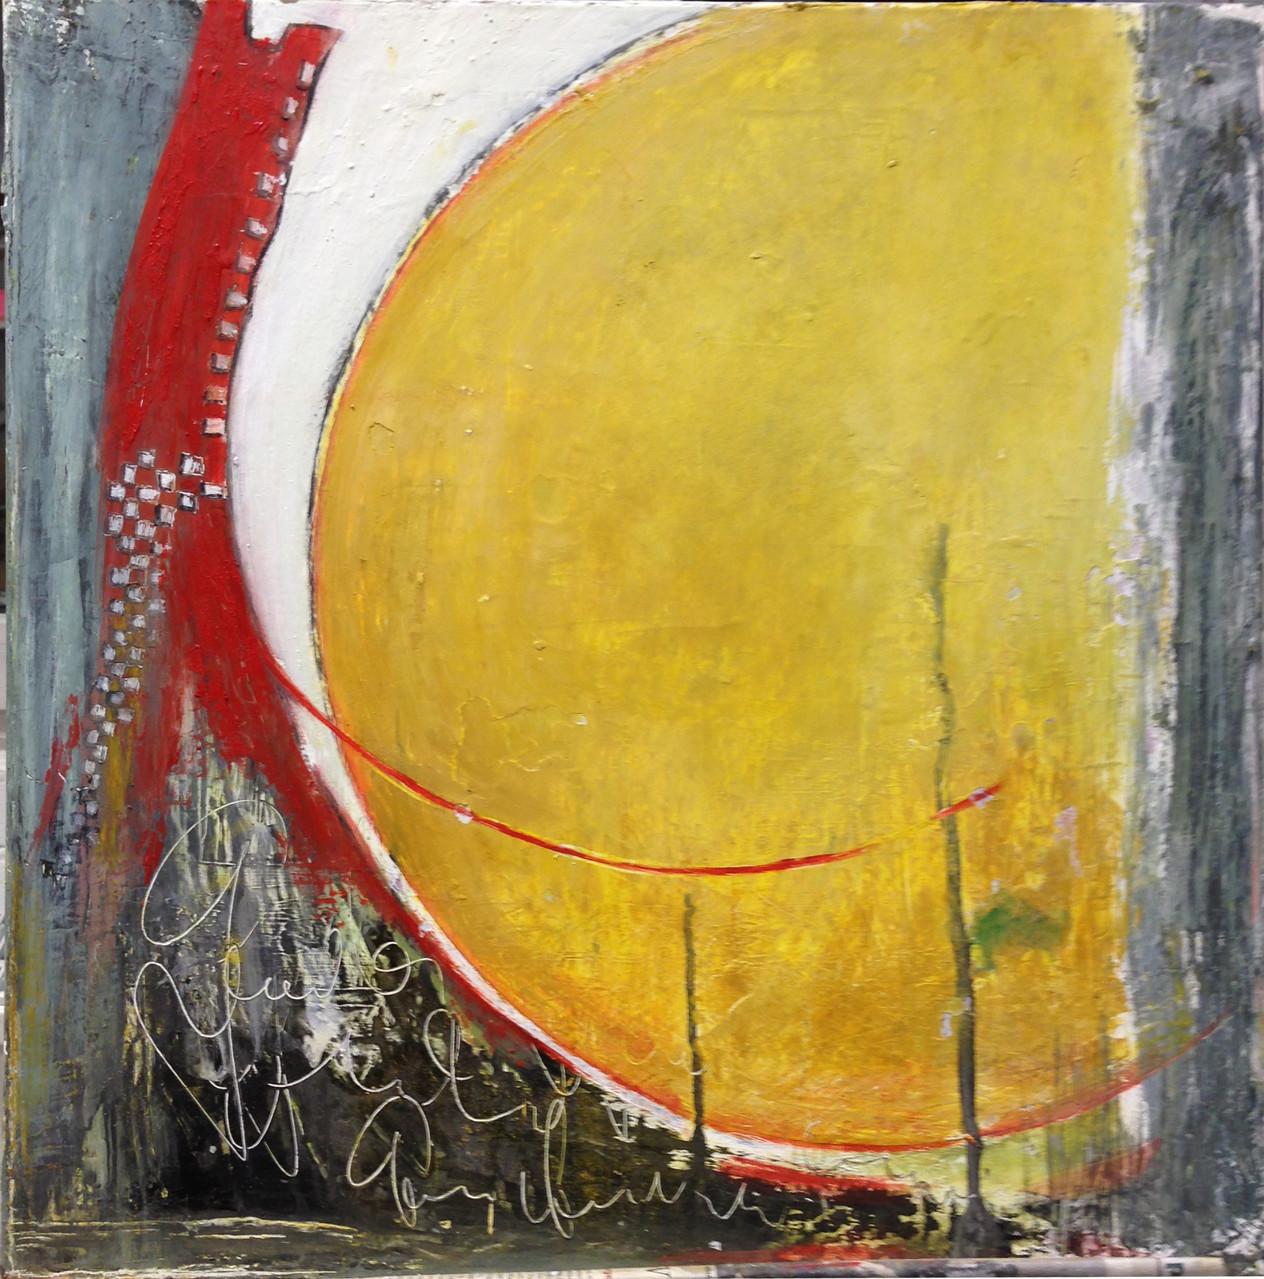 50 x 50 cm abstrakt auf Leinwand - Morgenlicht - Pigmente mit Leinölfirnis